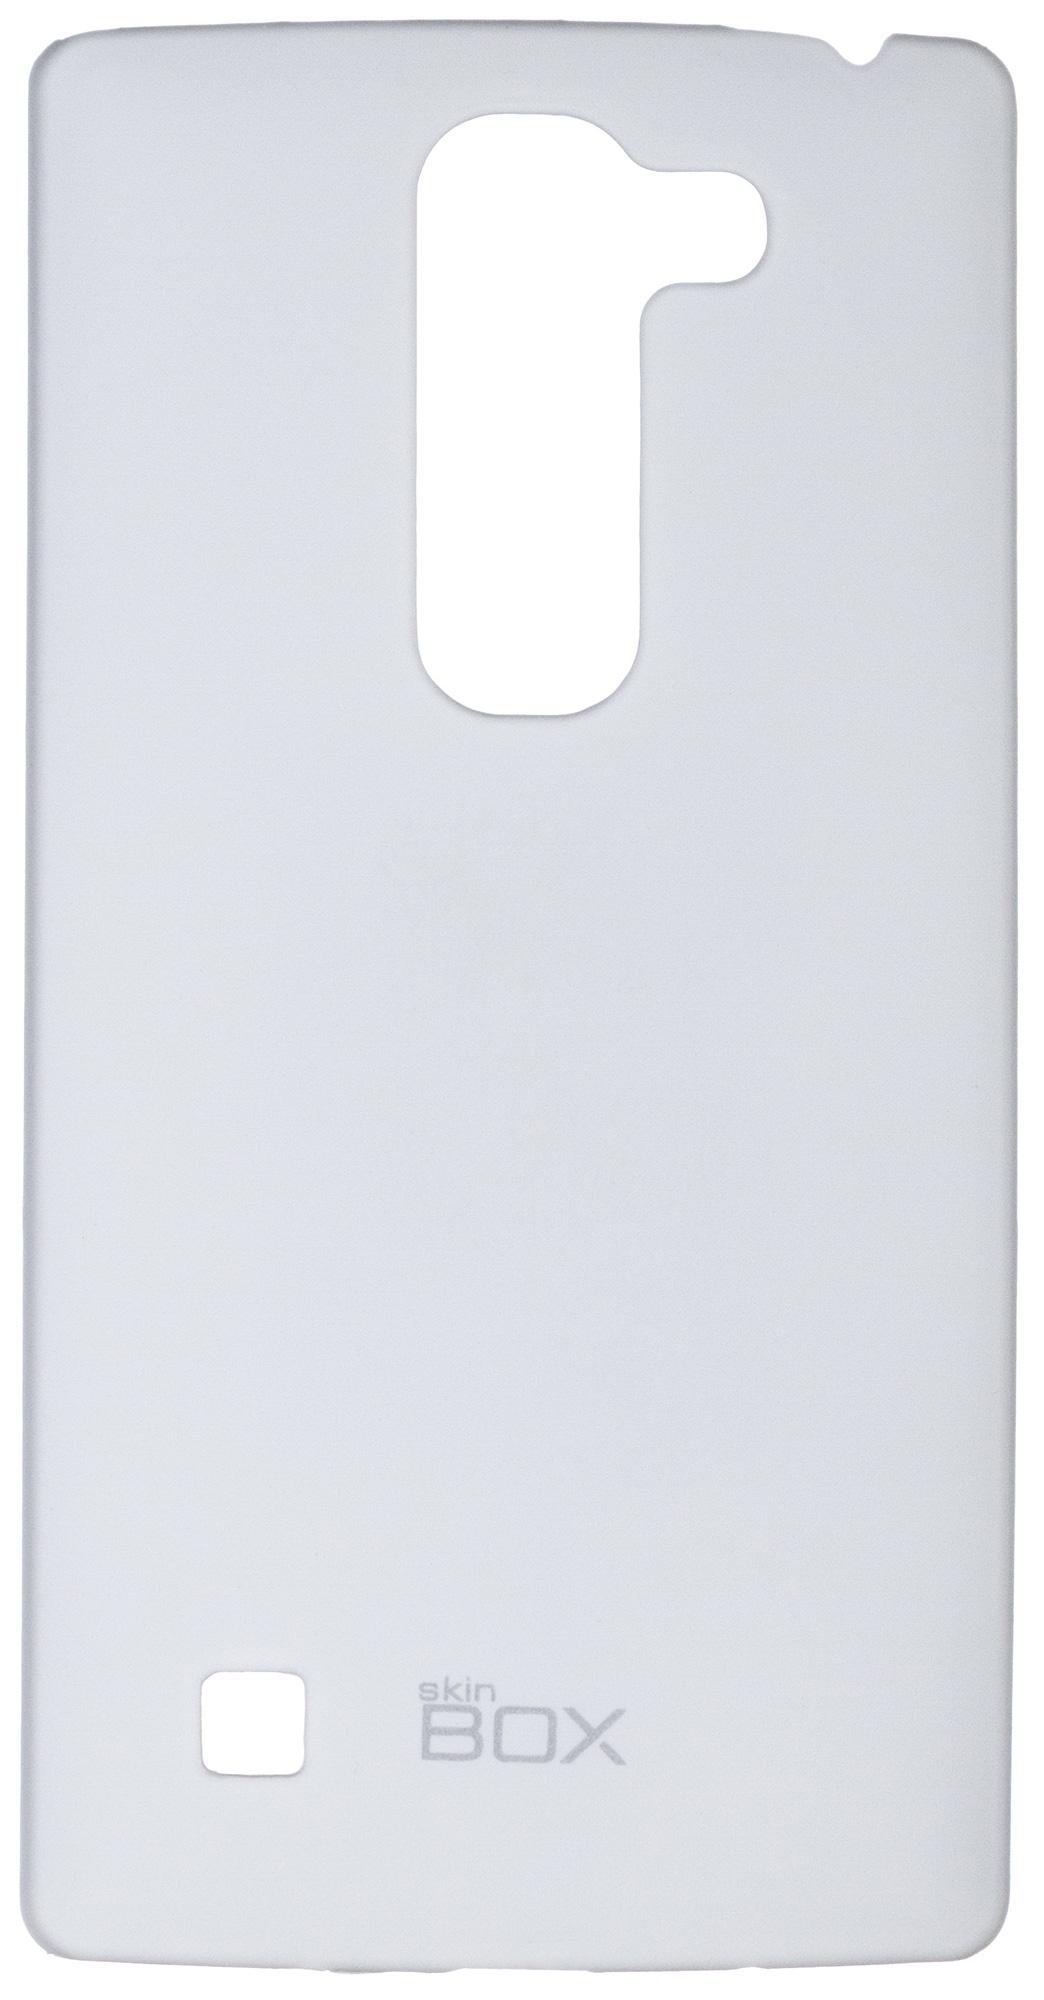 Чехол для сотового телефона skinBOX 4People, 4660041406818, белый чехол защитный skinbox lg magna